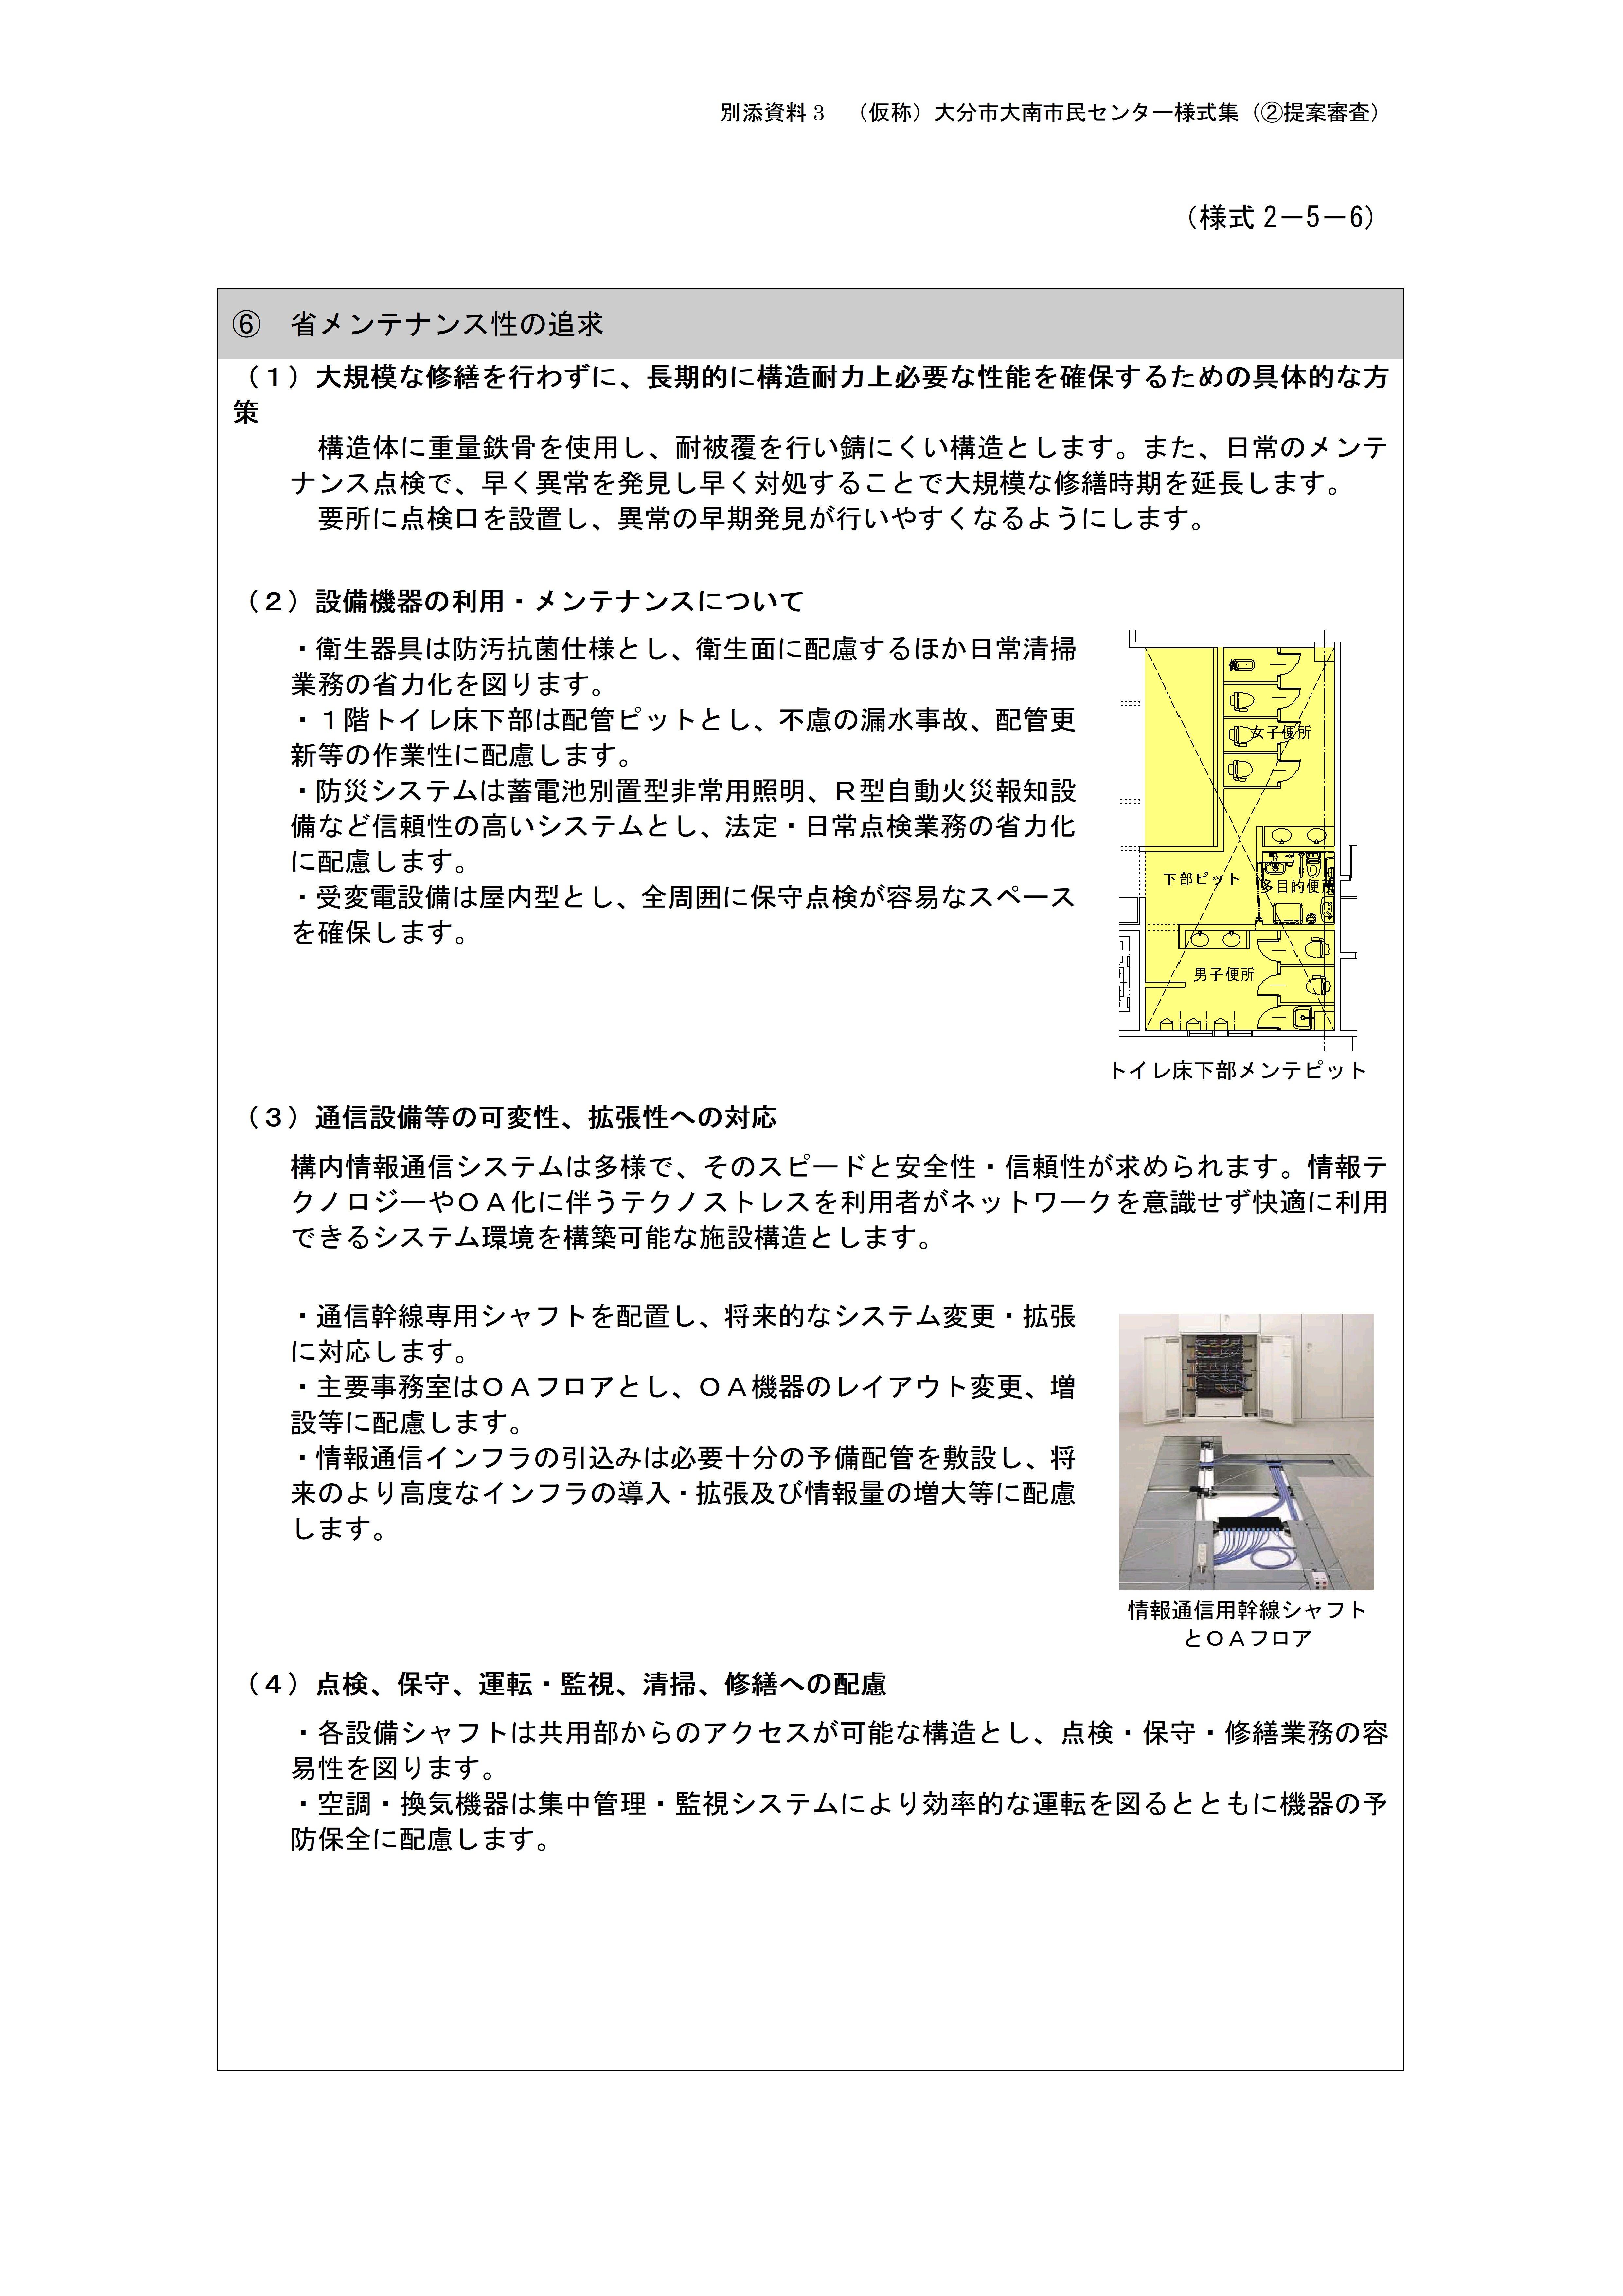 20 設計提出書類(最終)-11